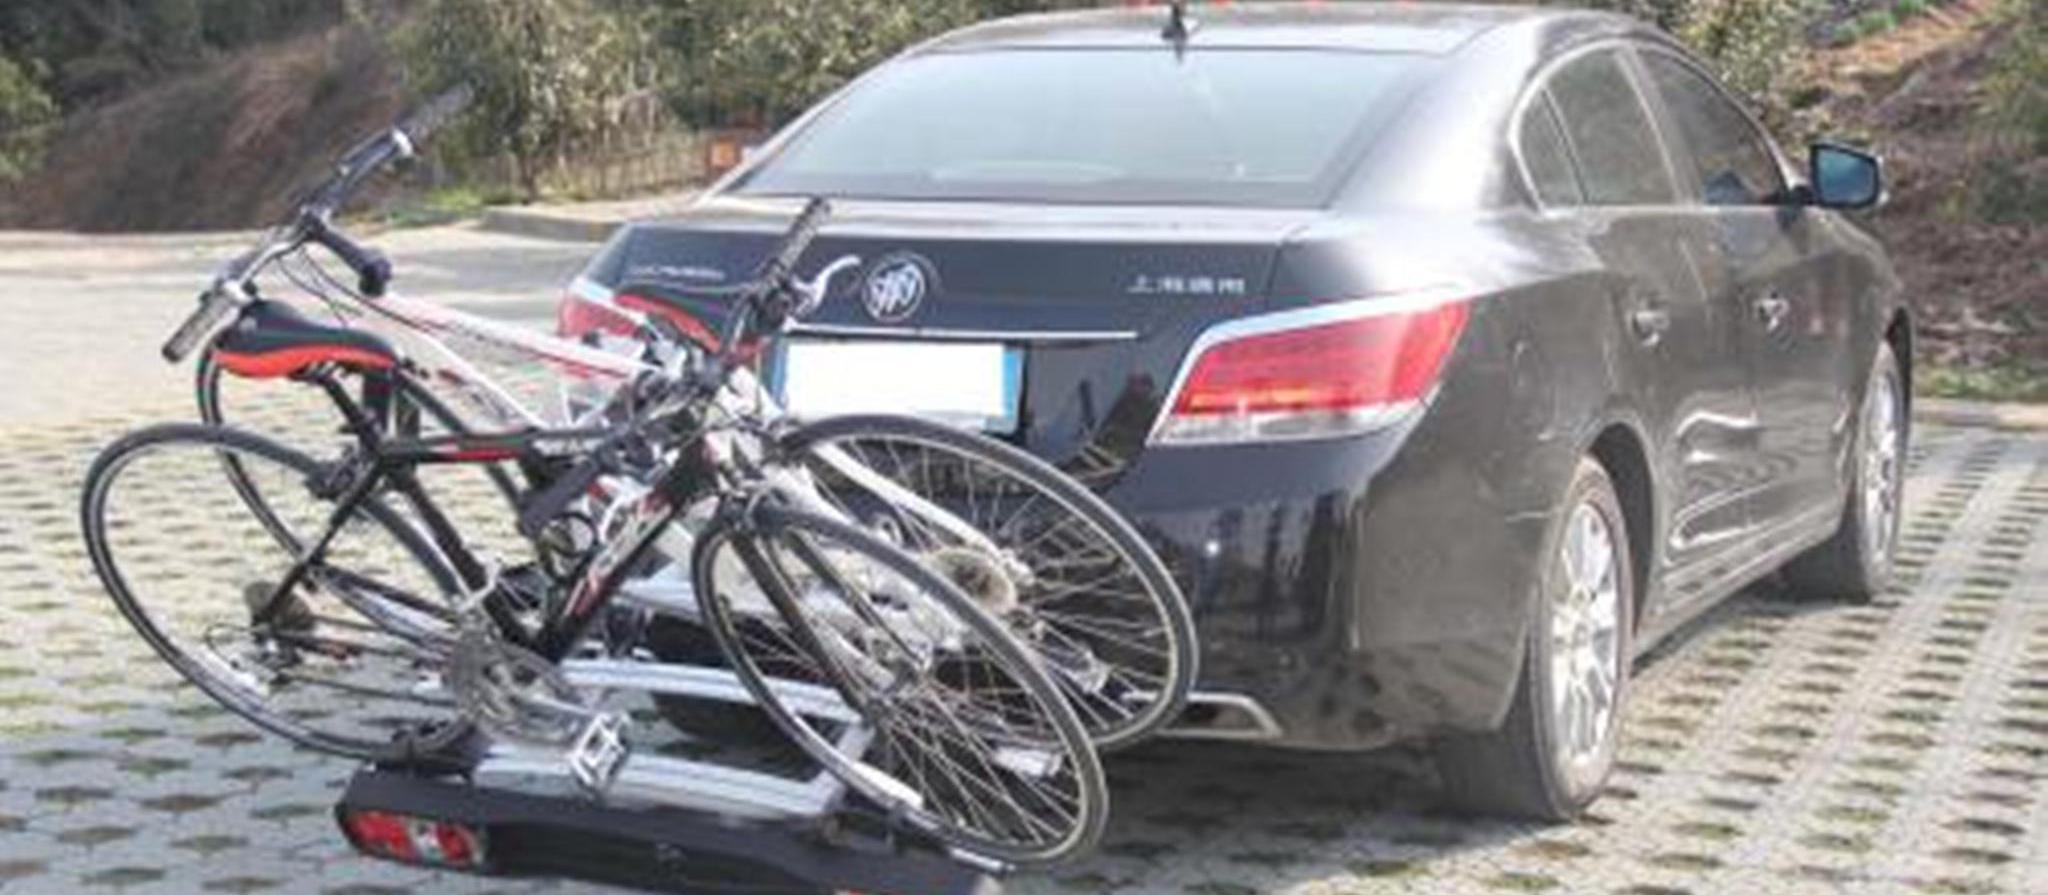 囧哥:自行车把轿车车头撞了